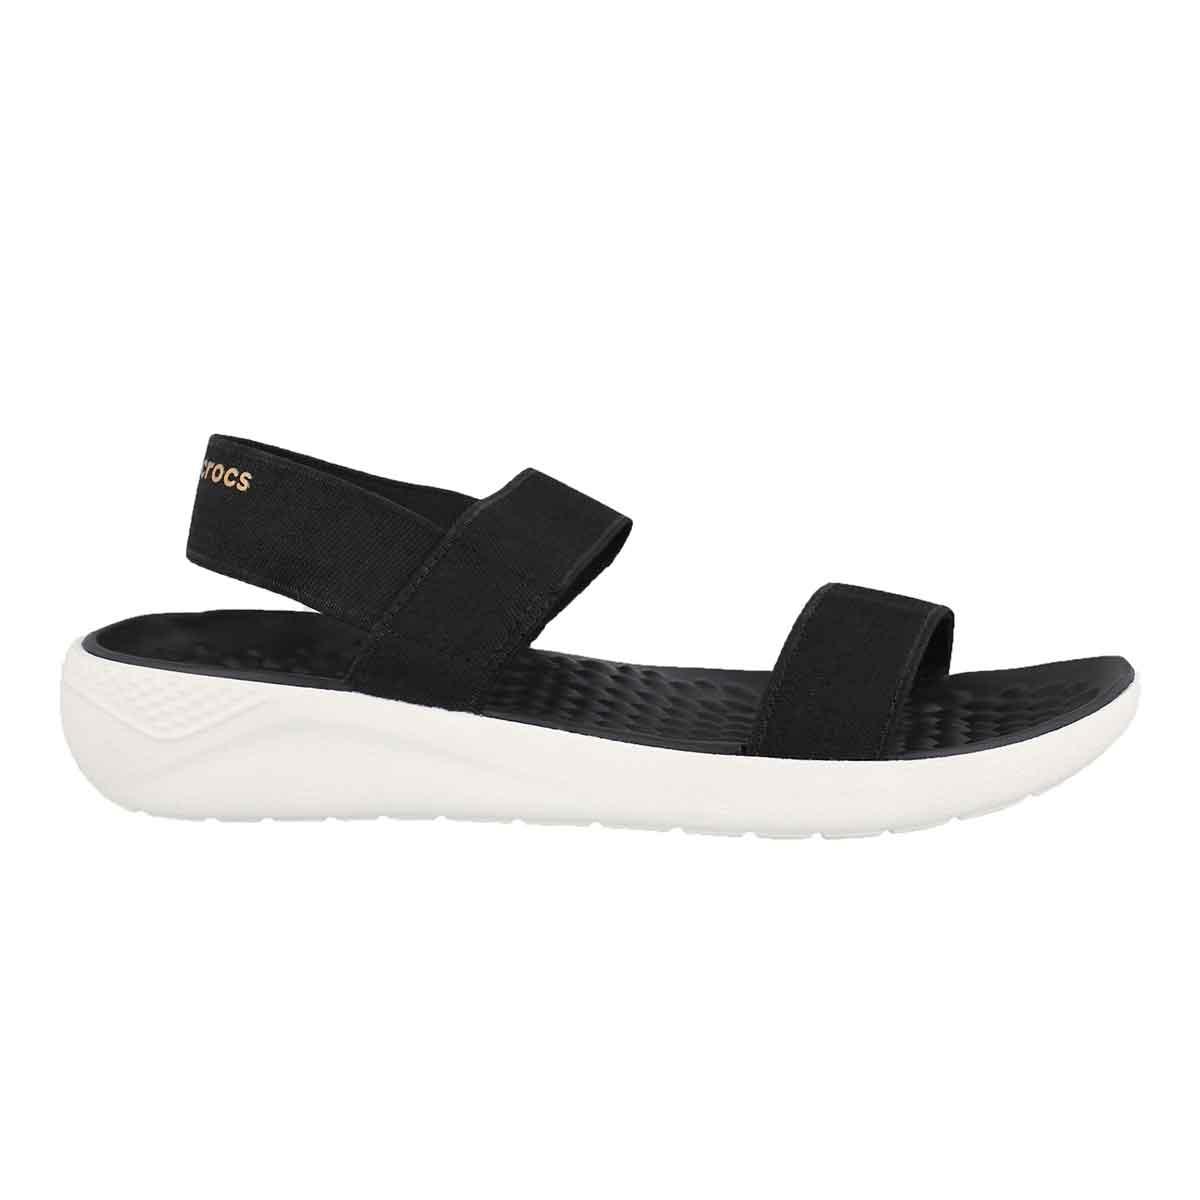 Sandales LITERIDE, noir/blanc, femmes